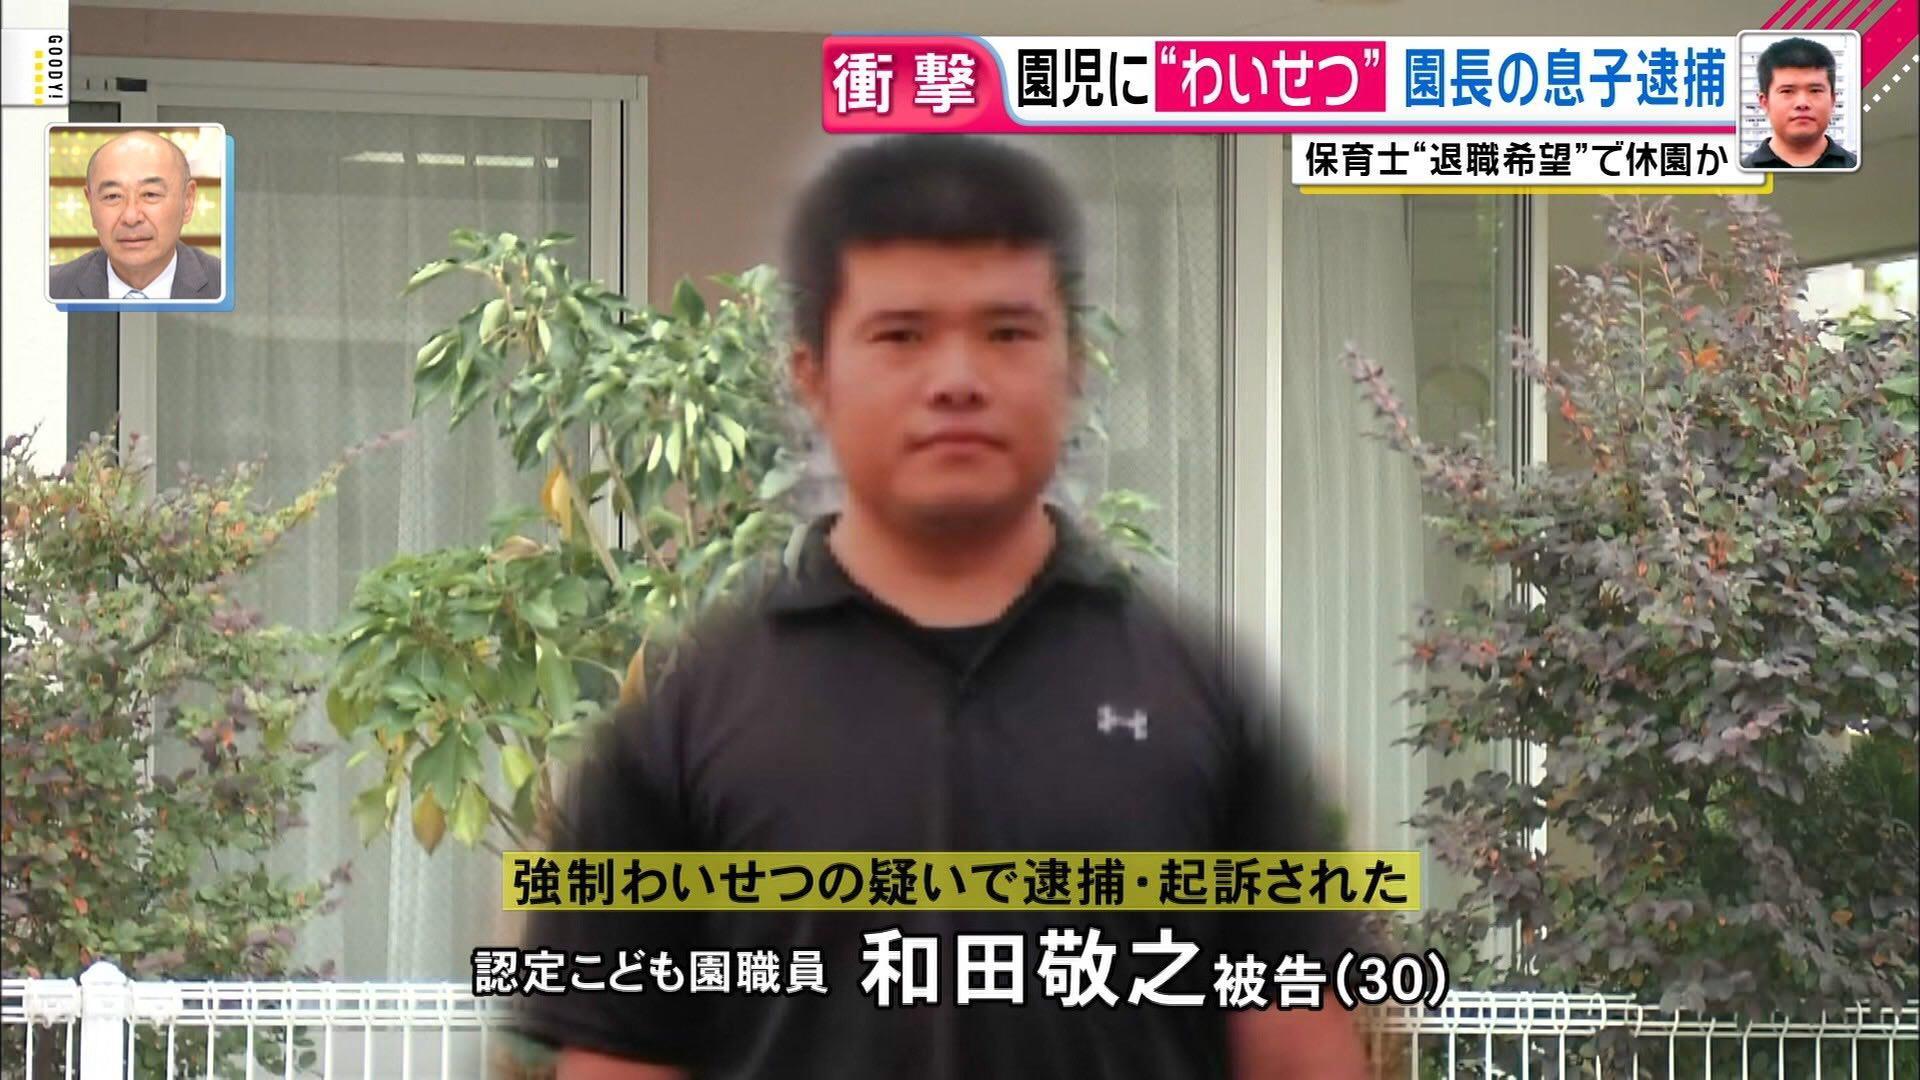 【画像】何人もの女児にキスやわいせつ行為をした園長の息子(30)の顔……